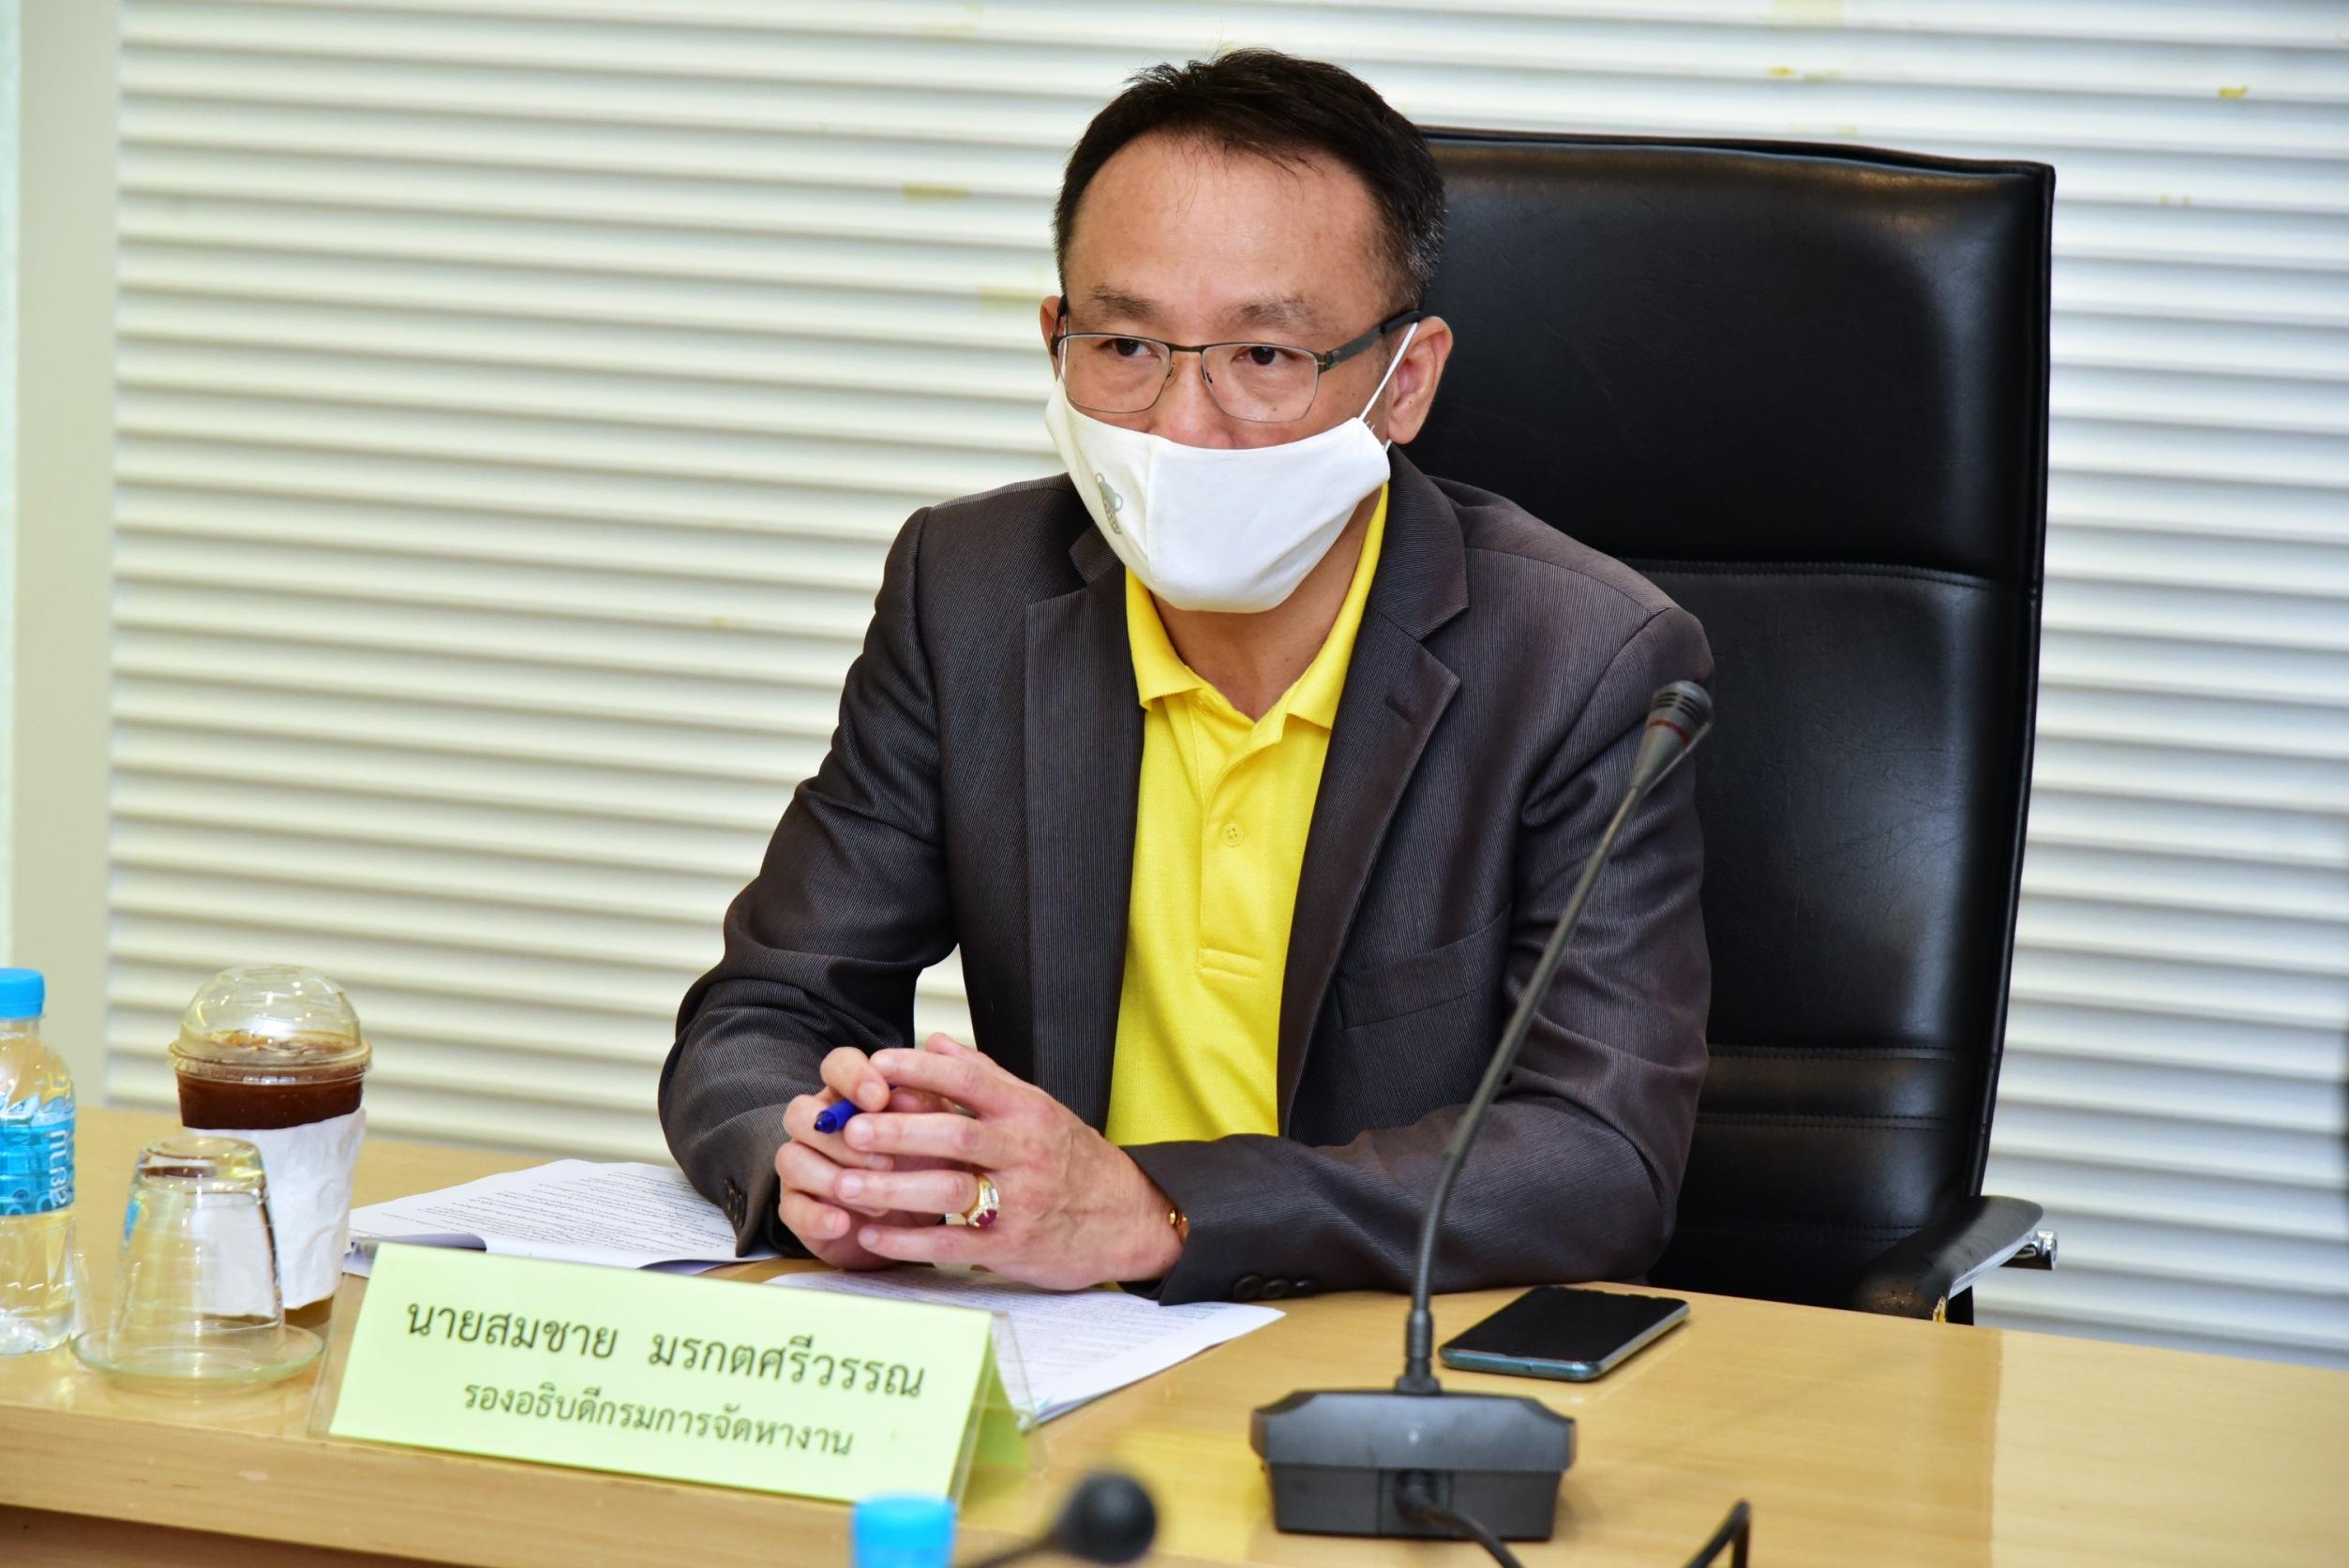 กรมการจัดหางาน  ประชุมติดตามความคืบหน้าระบบนัดหมายตรวจสุขภาพแรงงานต่างด้าว และการจ่ายเงินล่วงหน้าฯ